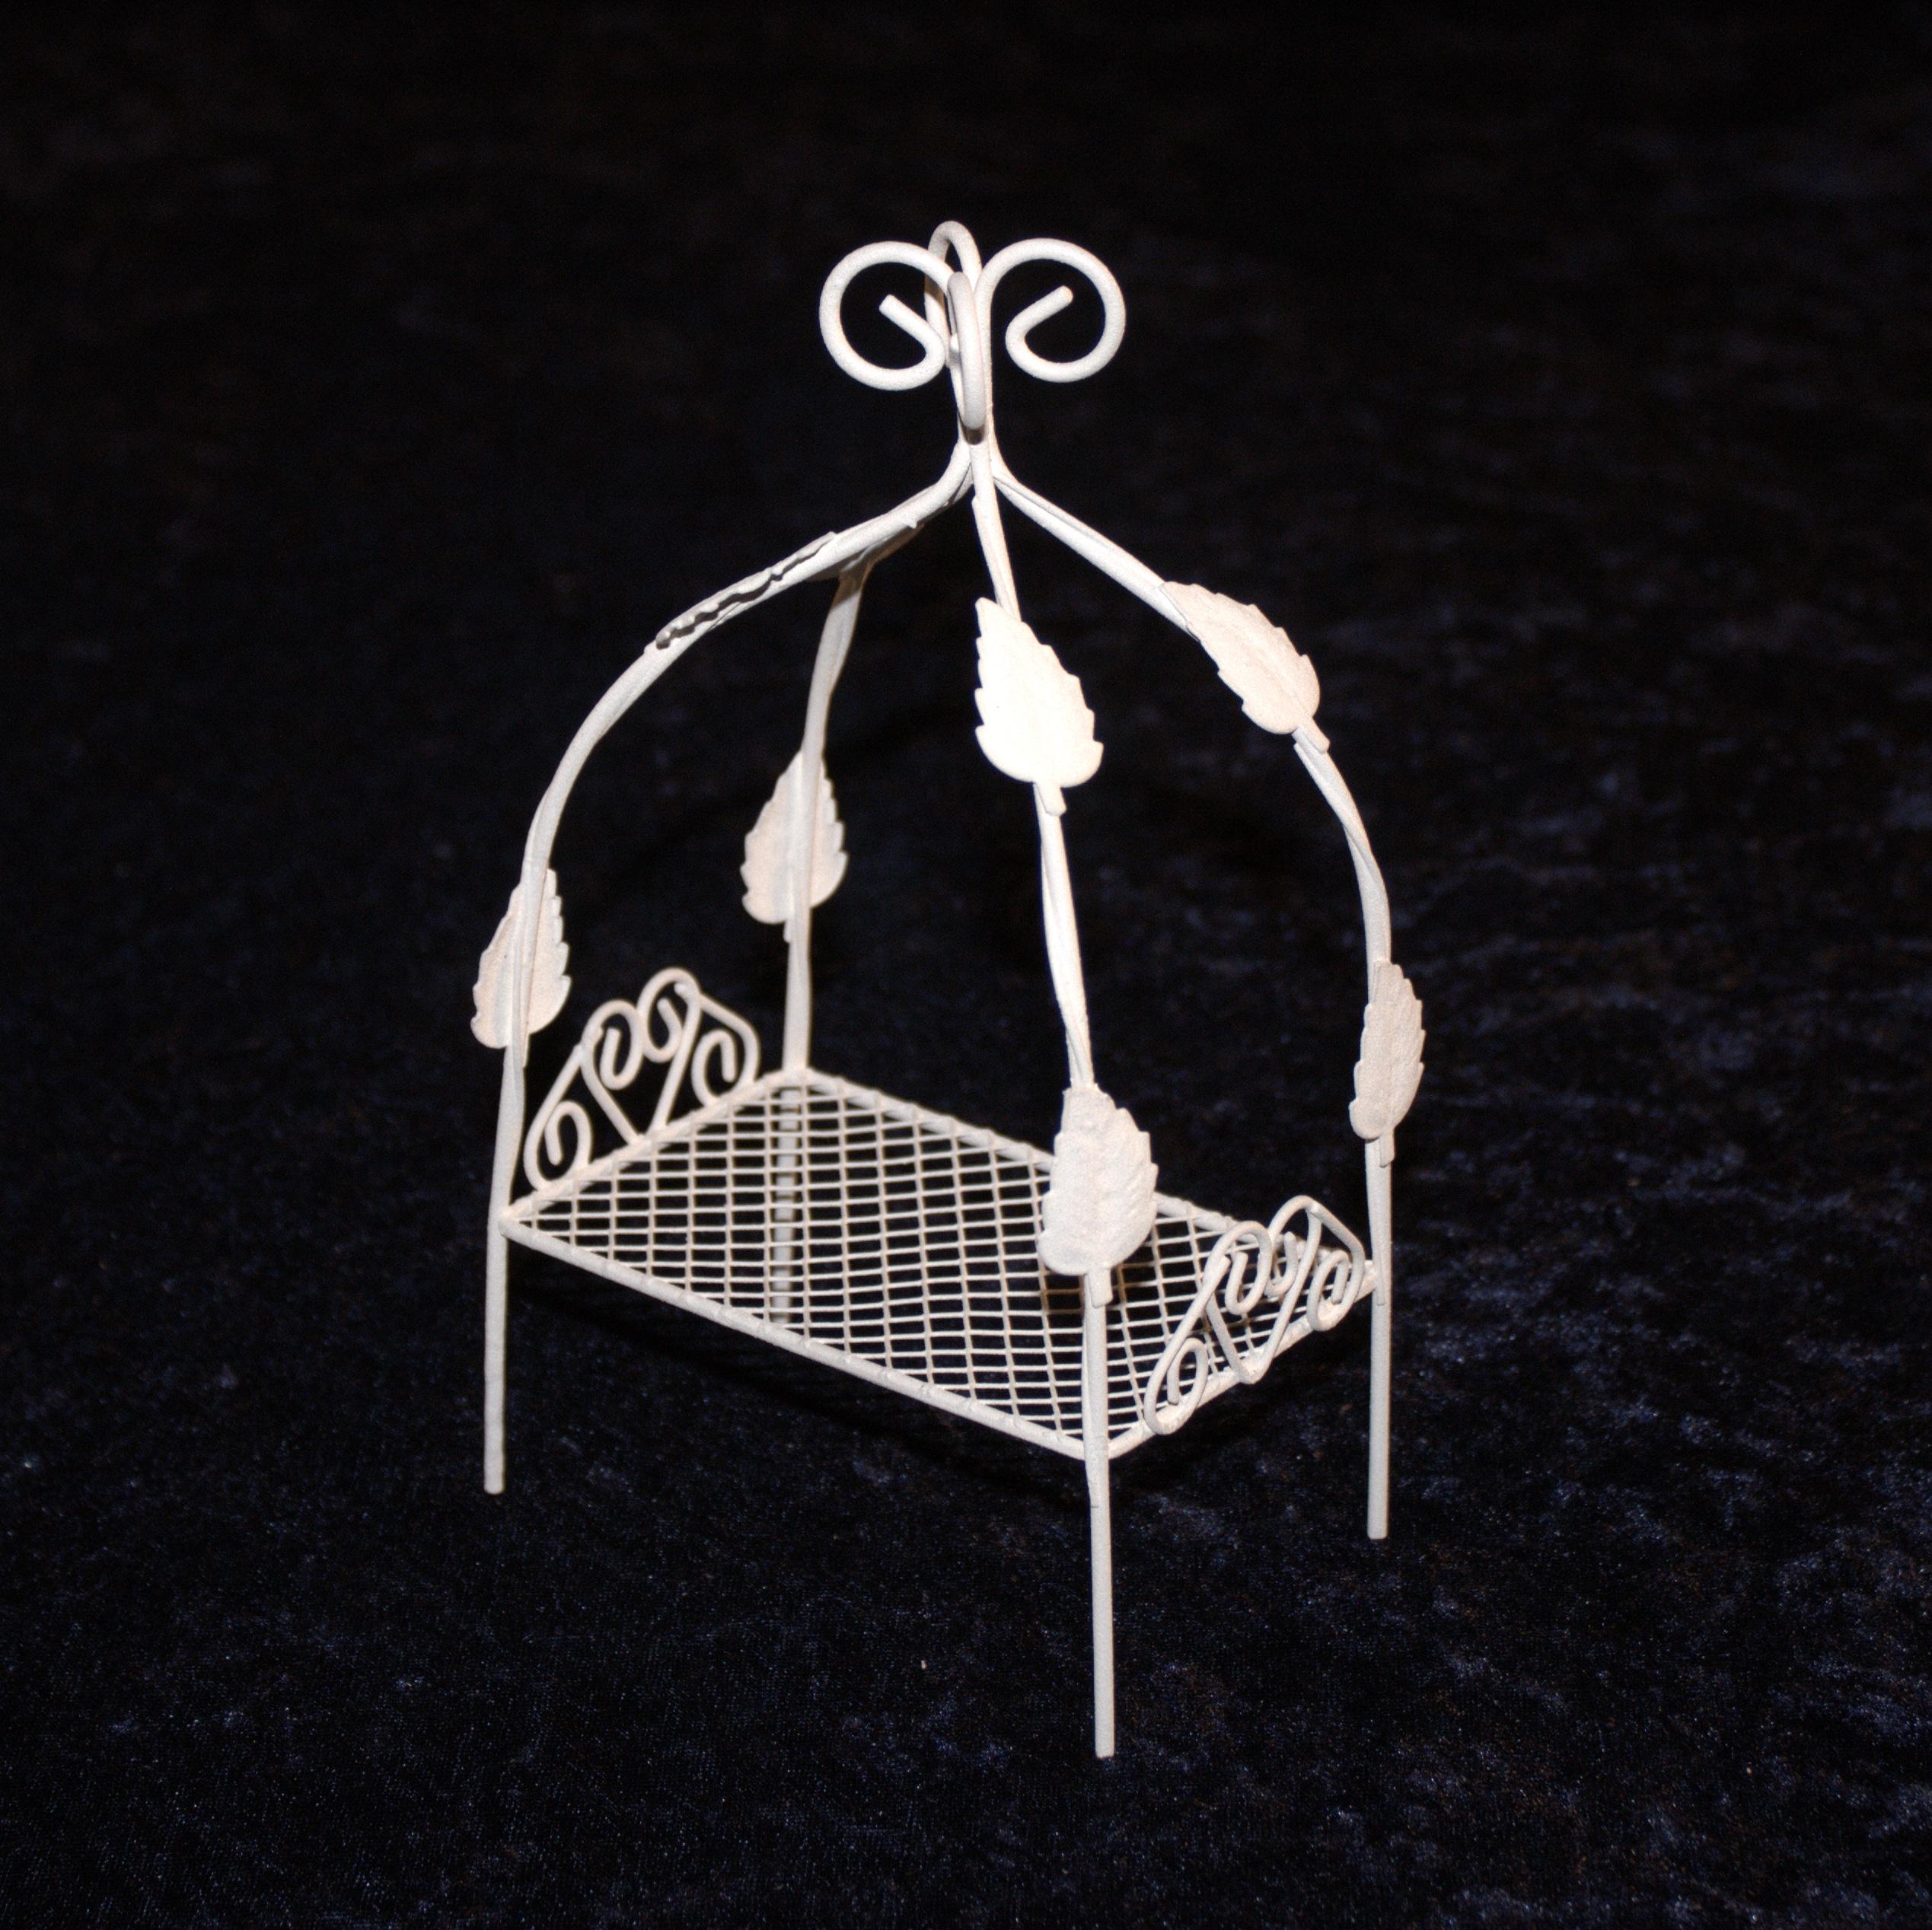 Mini garten himmelbett metallbett bett wei minigarten - Miniatur gartenmobel ...